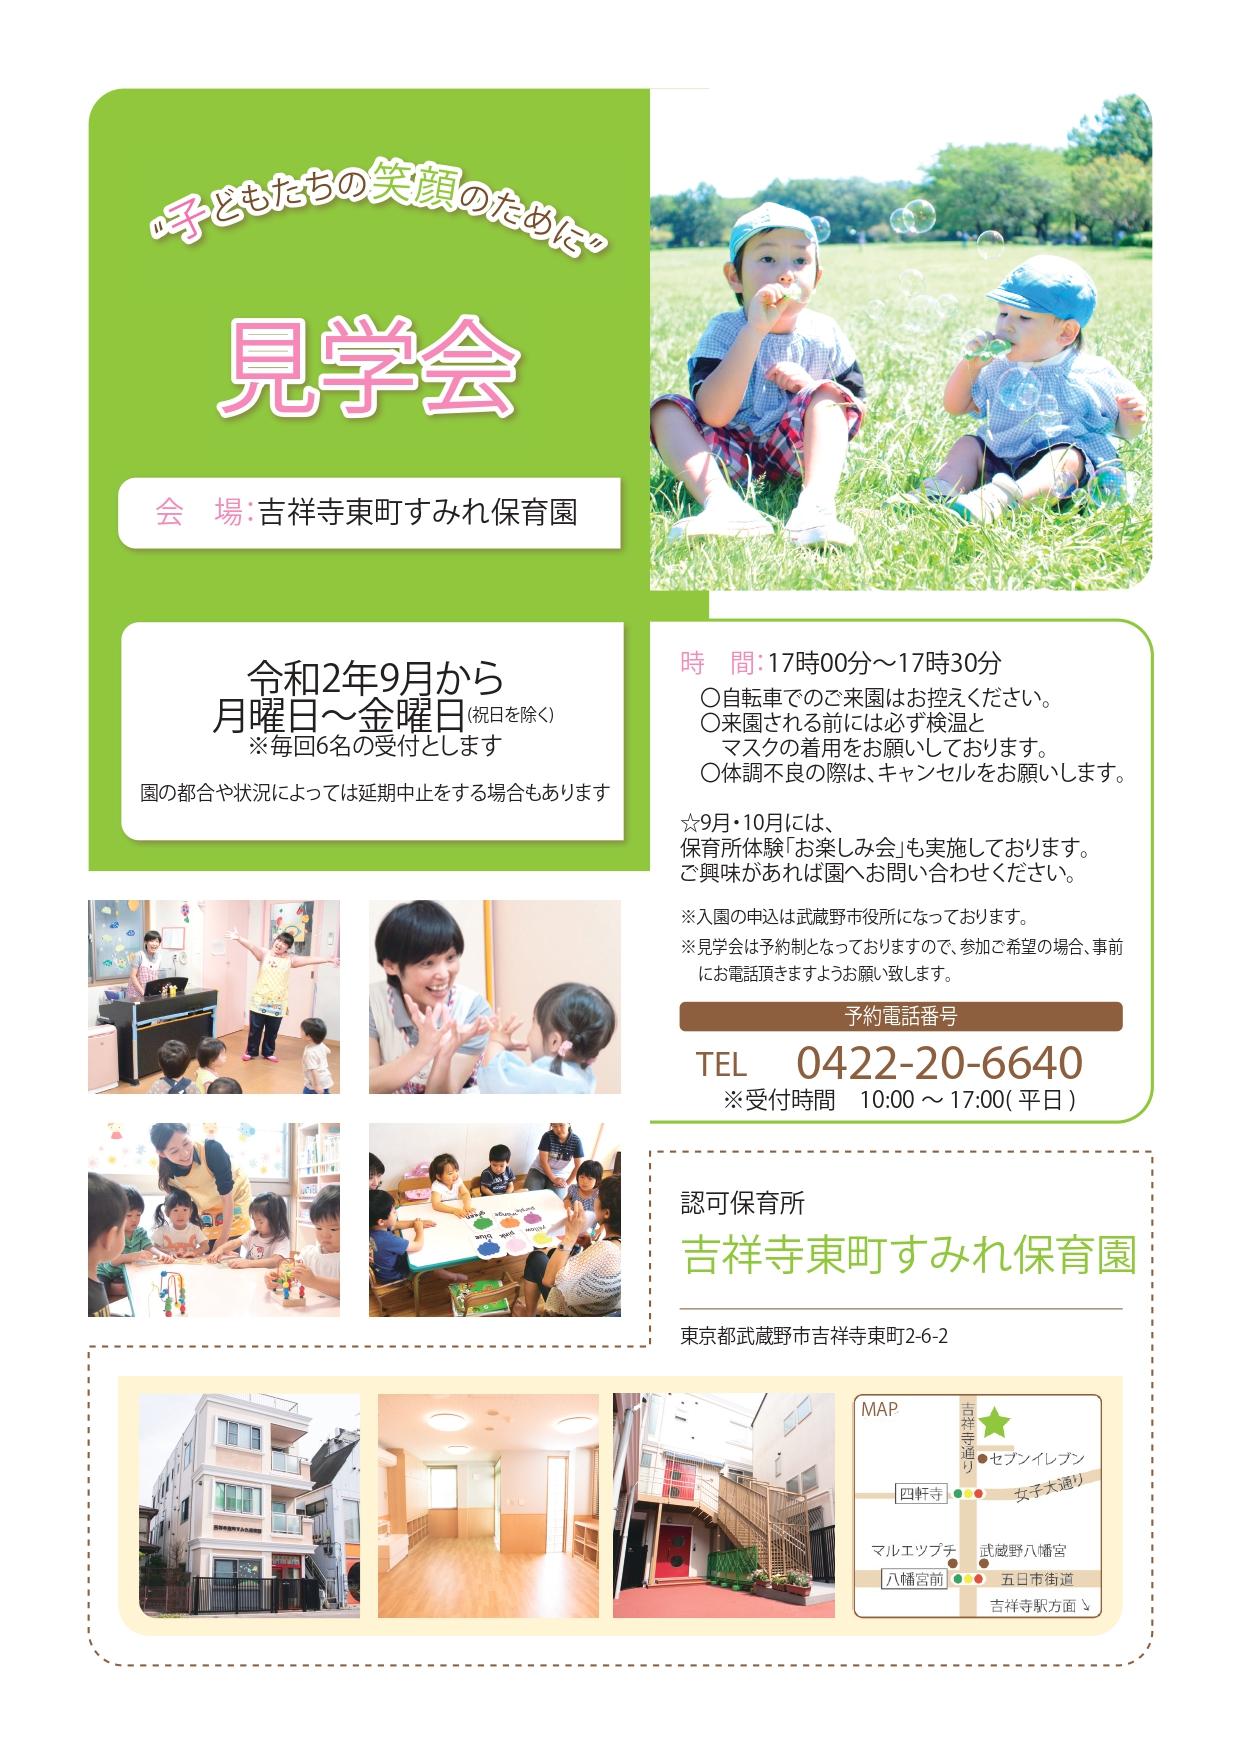 吉祥寺東町見学会R3_page-0001